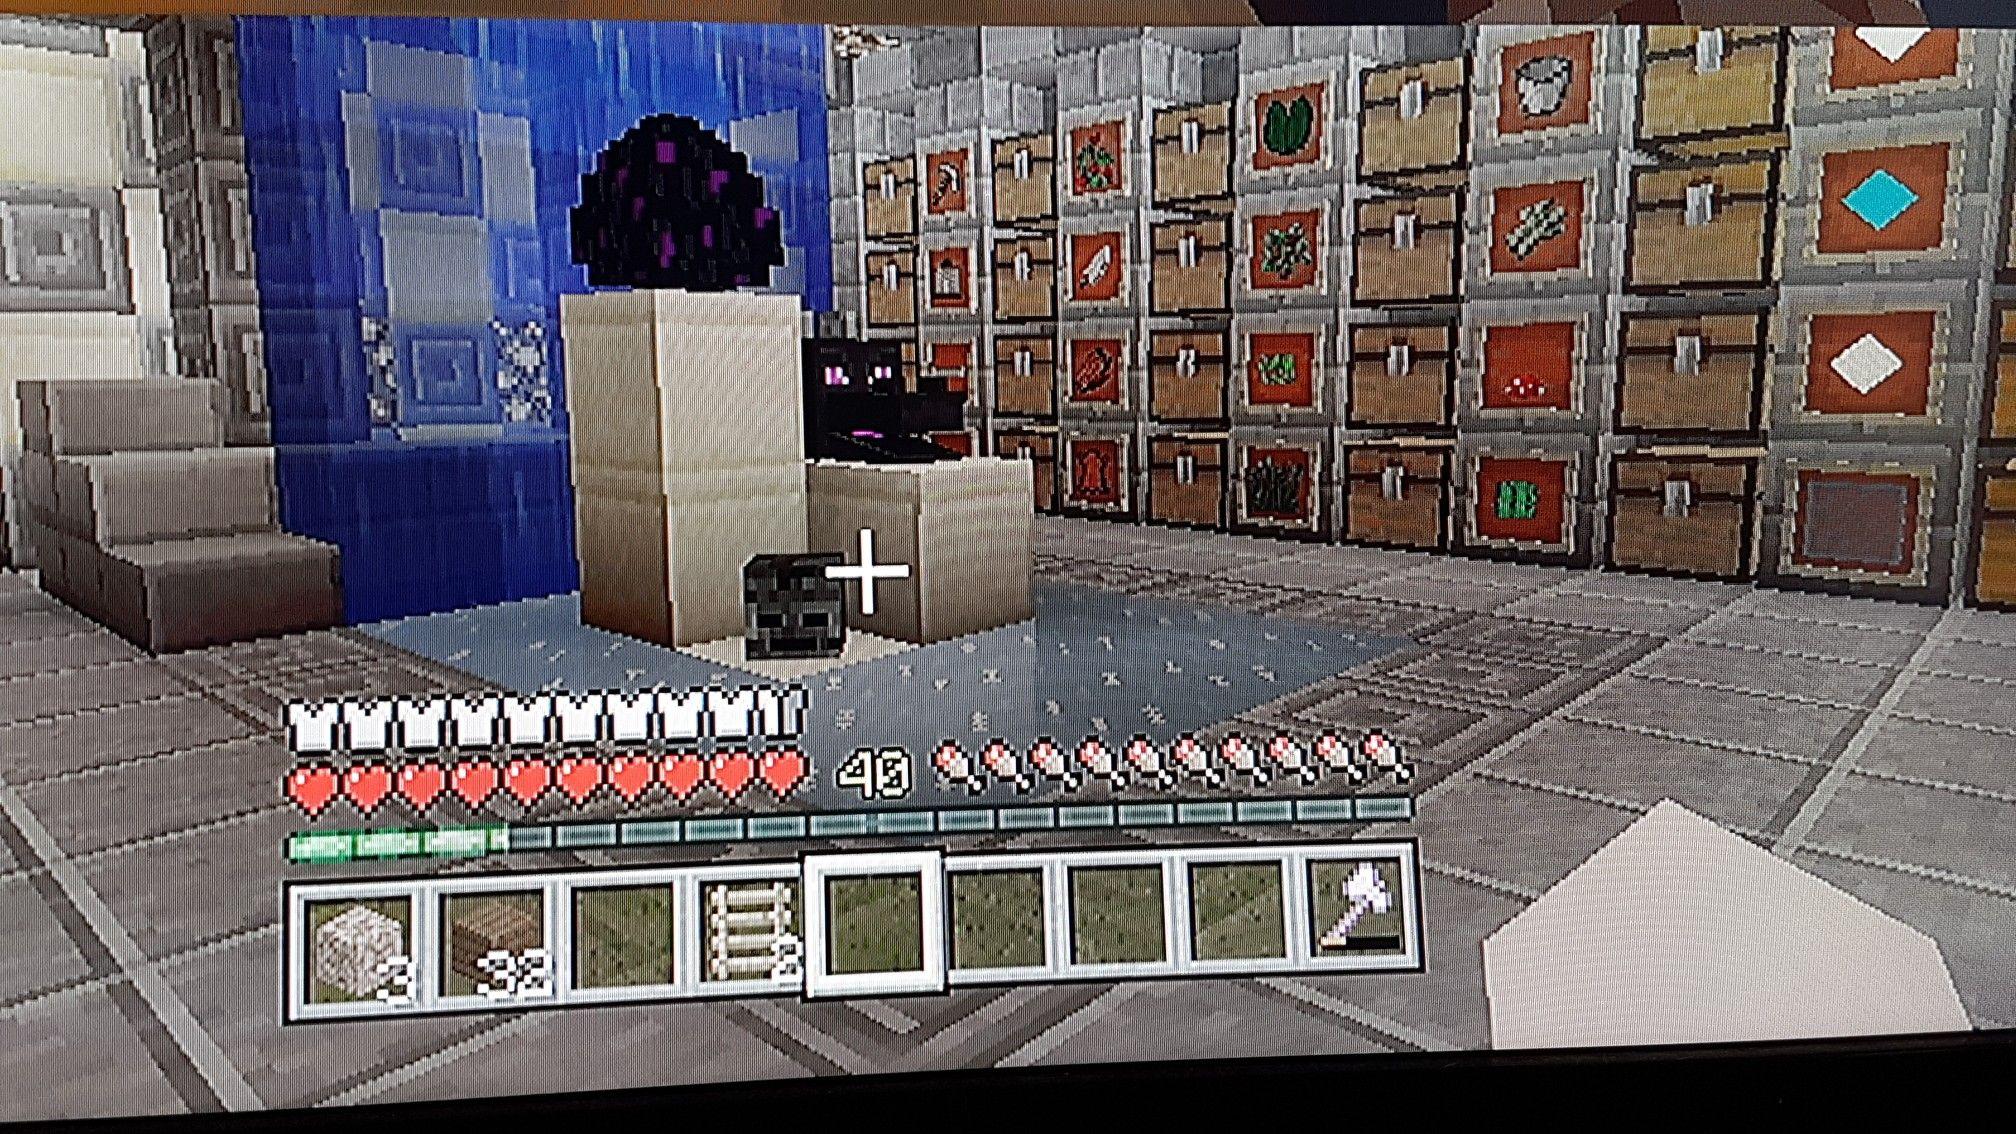 xbox 10 minecraft chest room idea  Minecraft underground